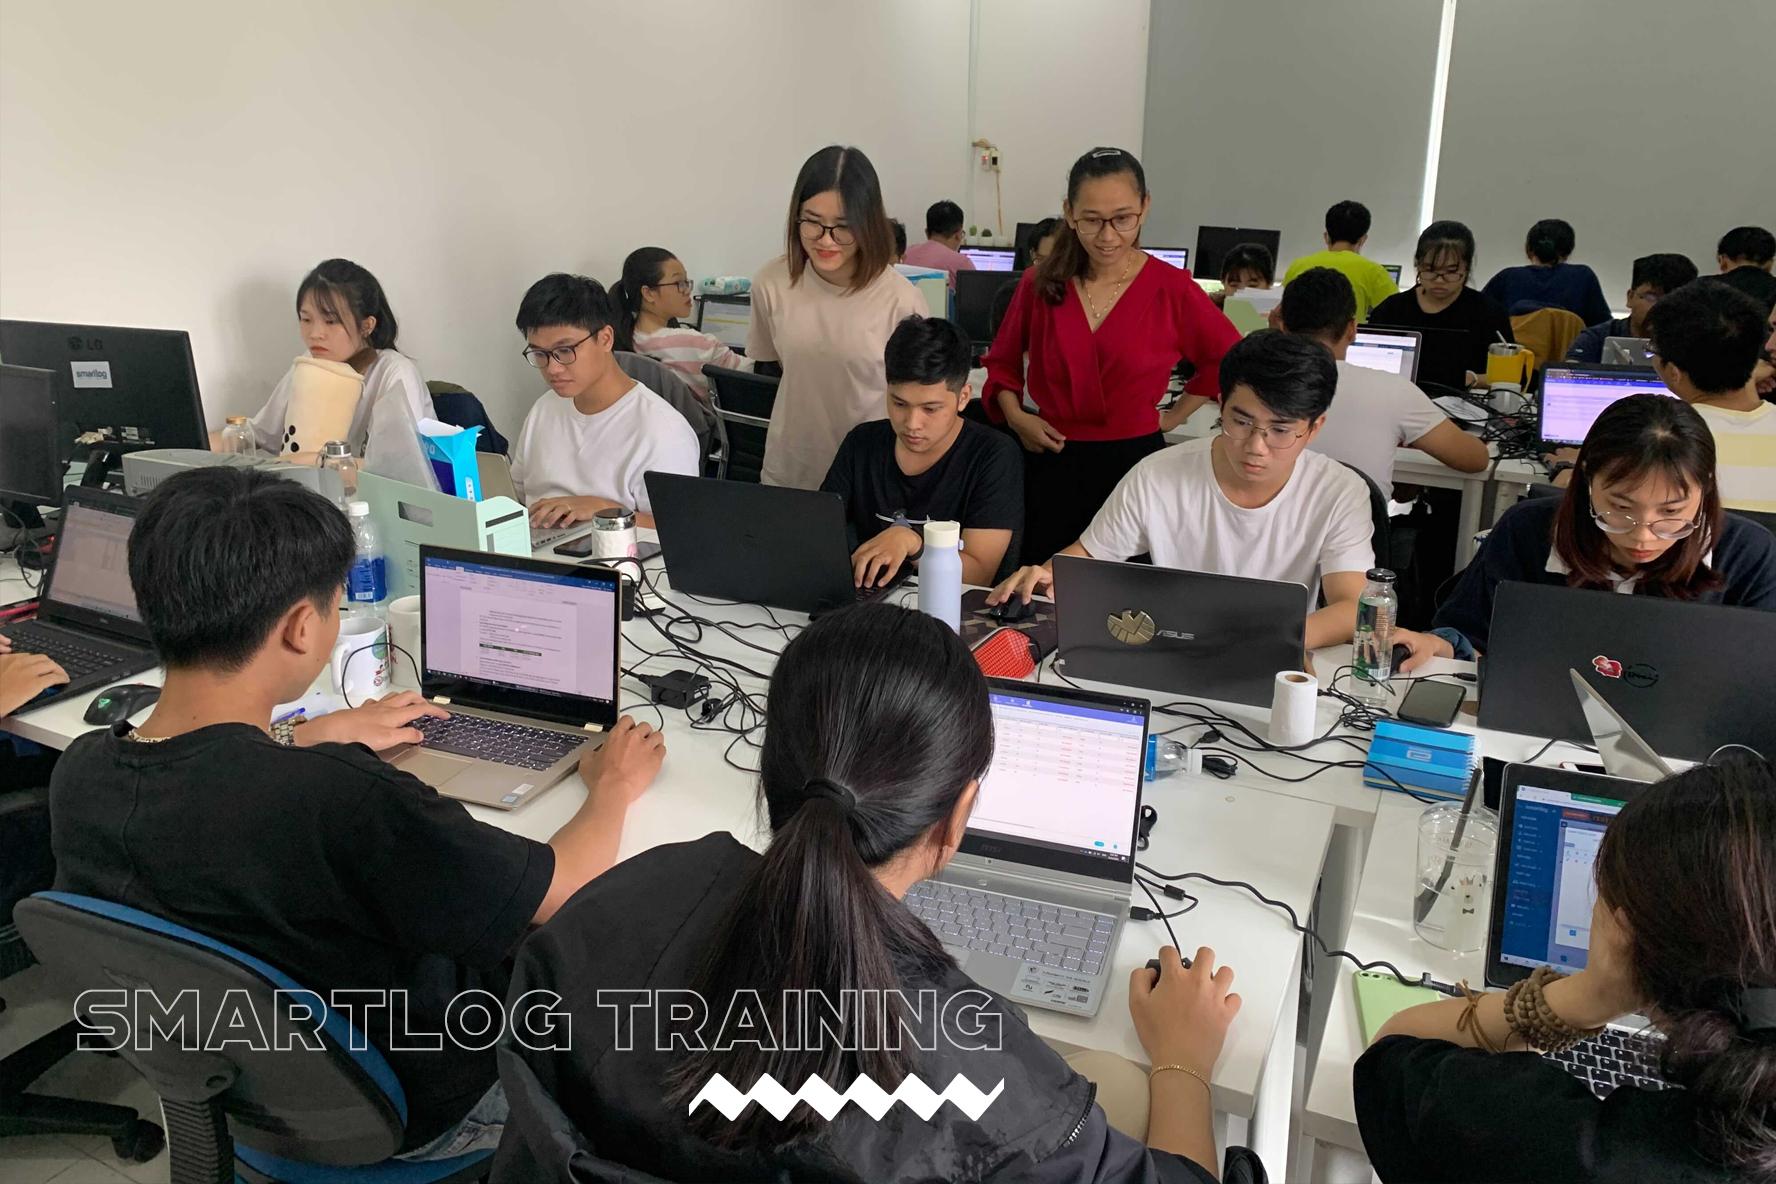 smartlog training